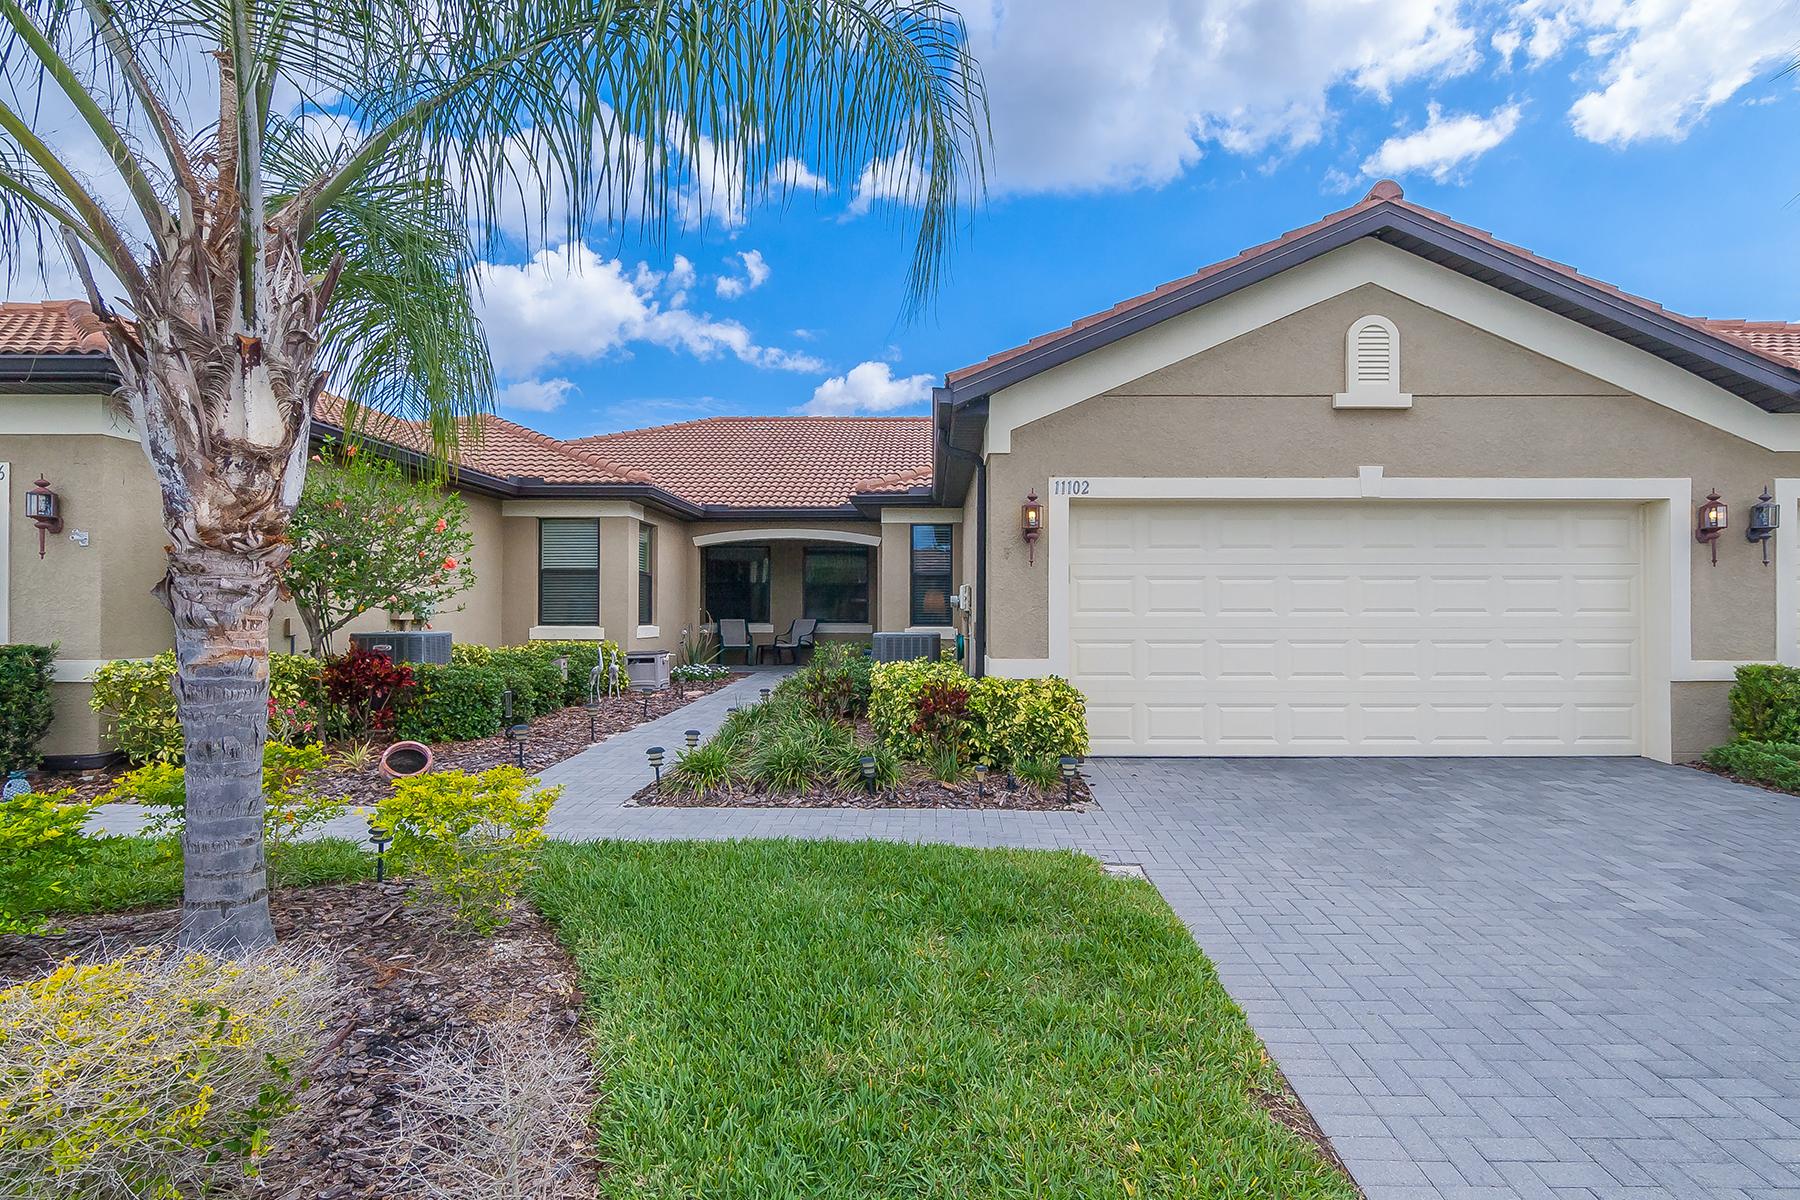 Stadthaus für Verkauf beim VENETIAN FALLS 11102 Campazzo Dr Venice, Florida, 34292 Vereinigte Staaten